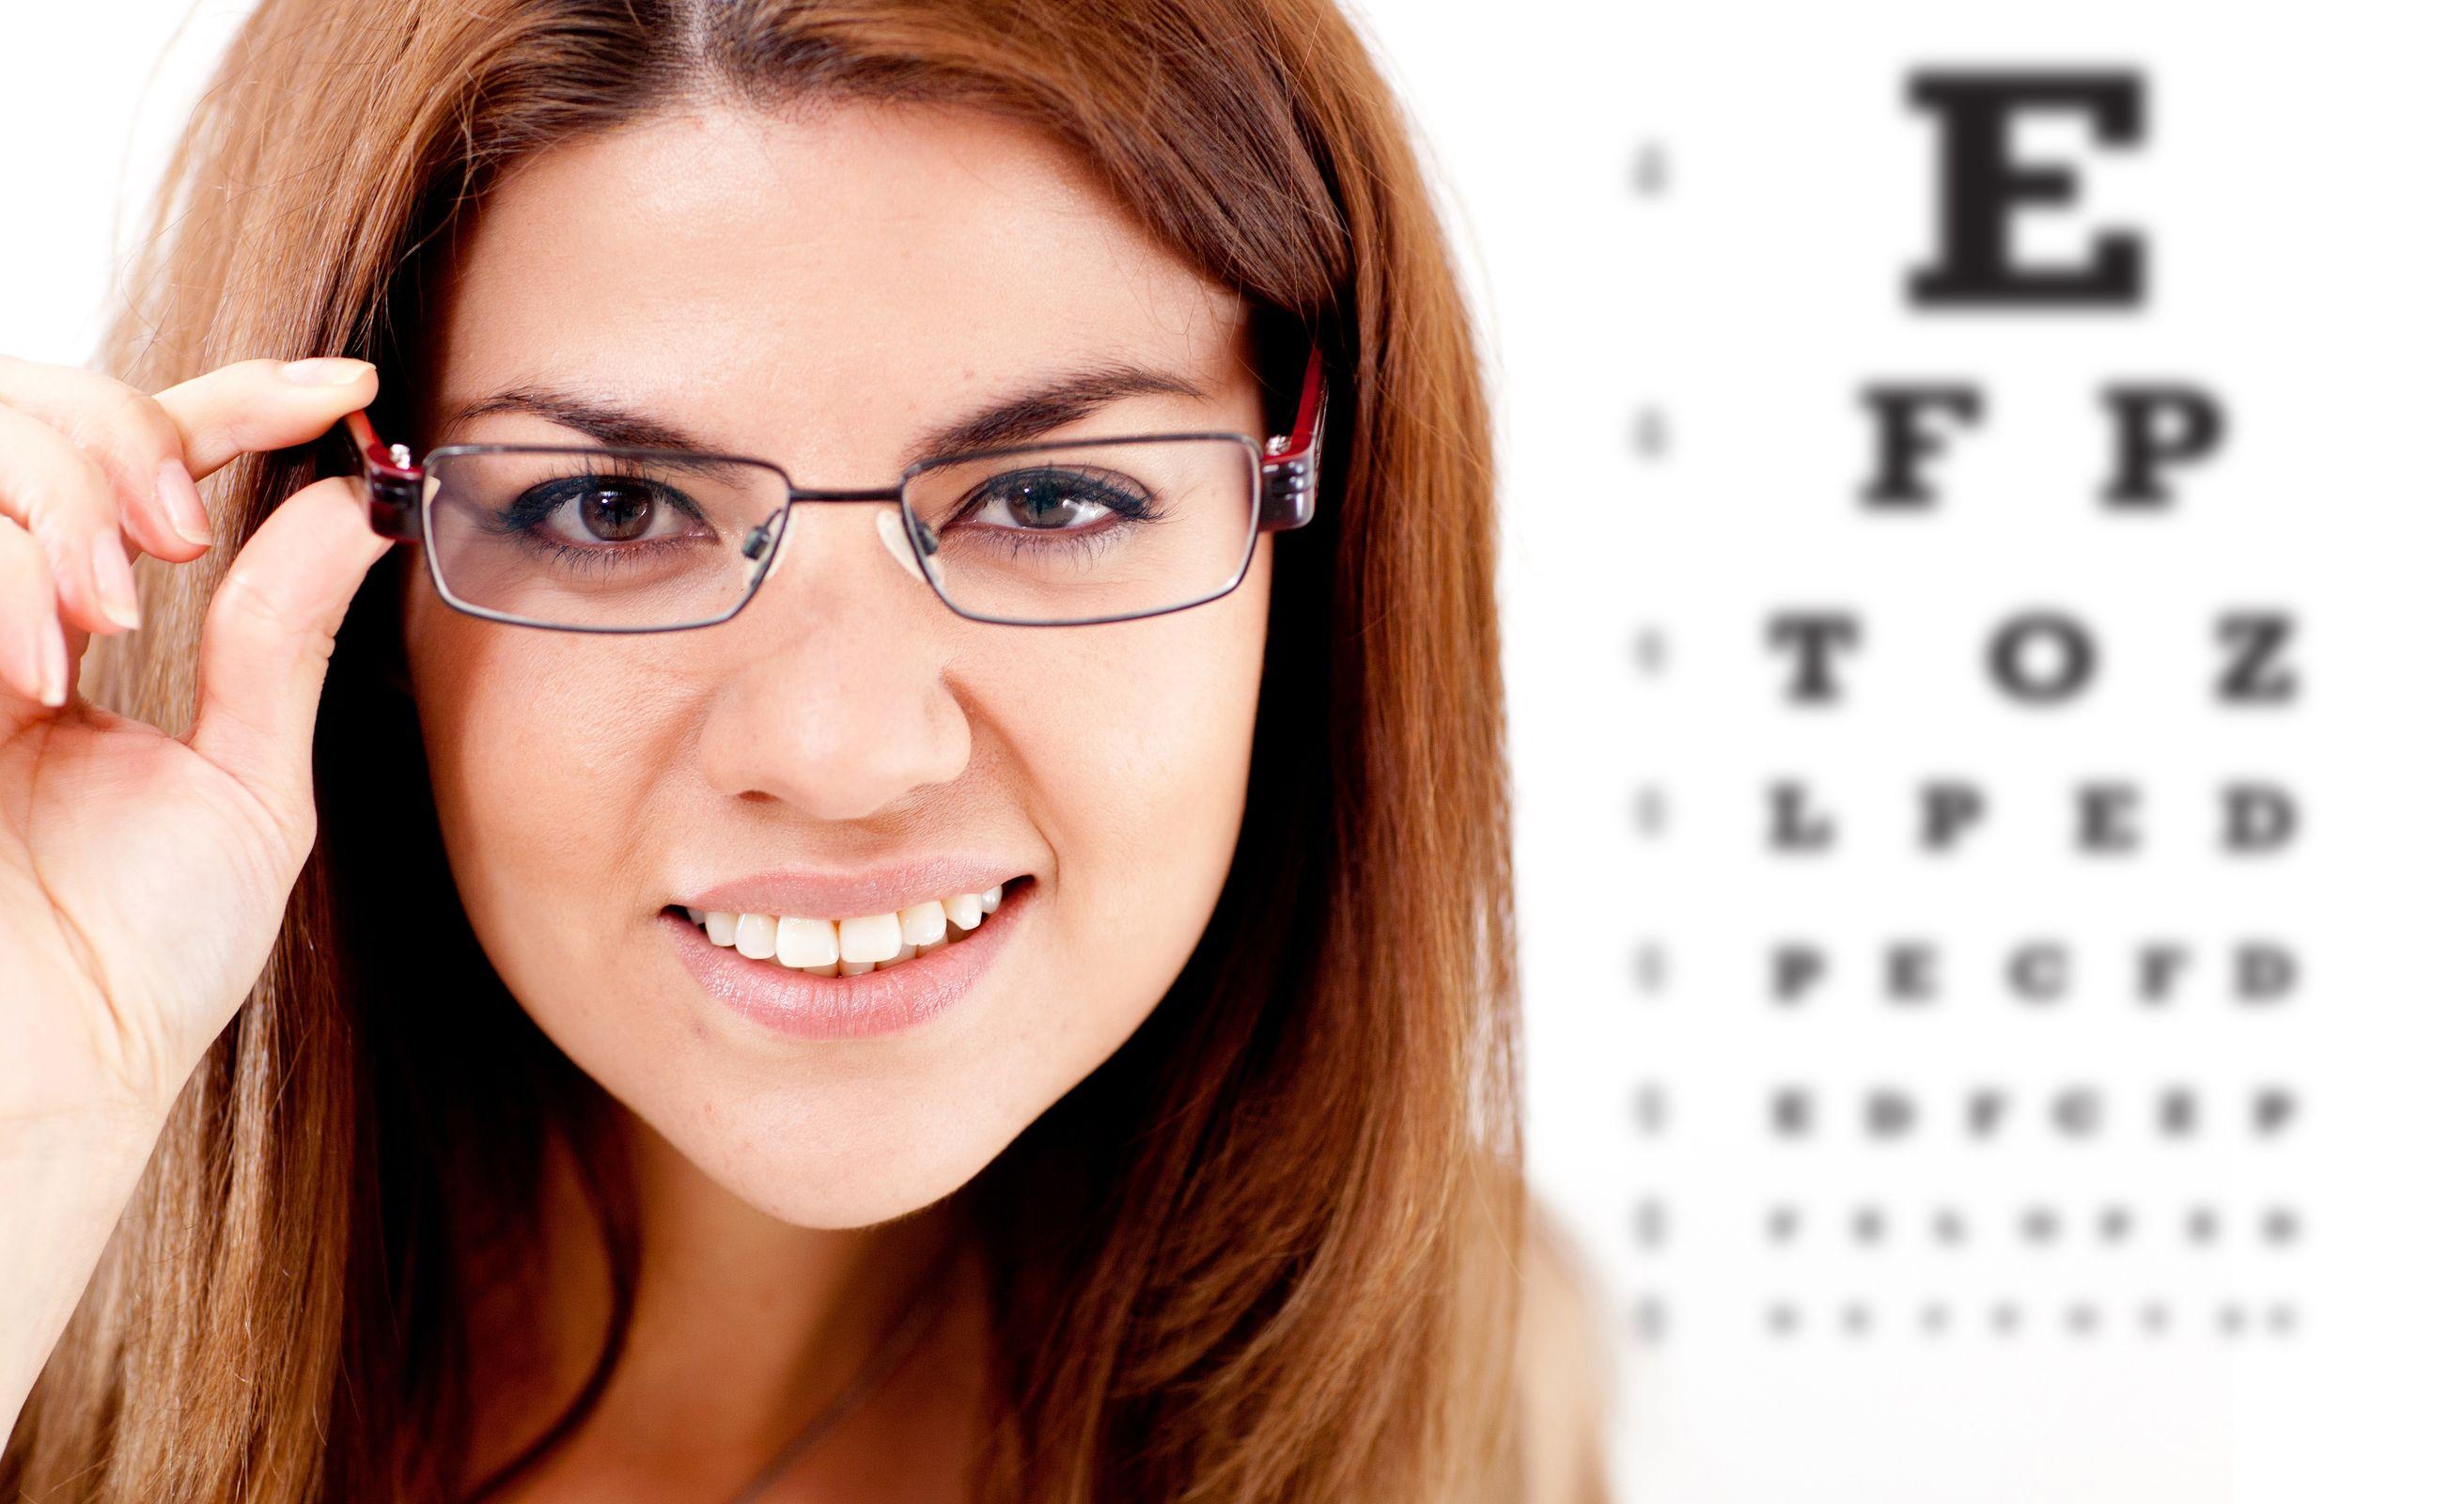 Как улучшить зрение в домашних условиях: средствами 93